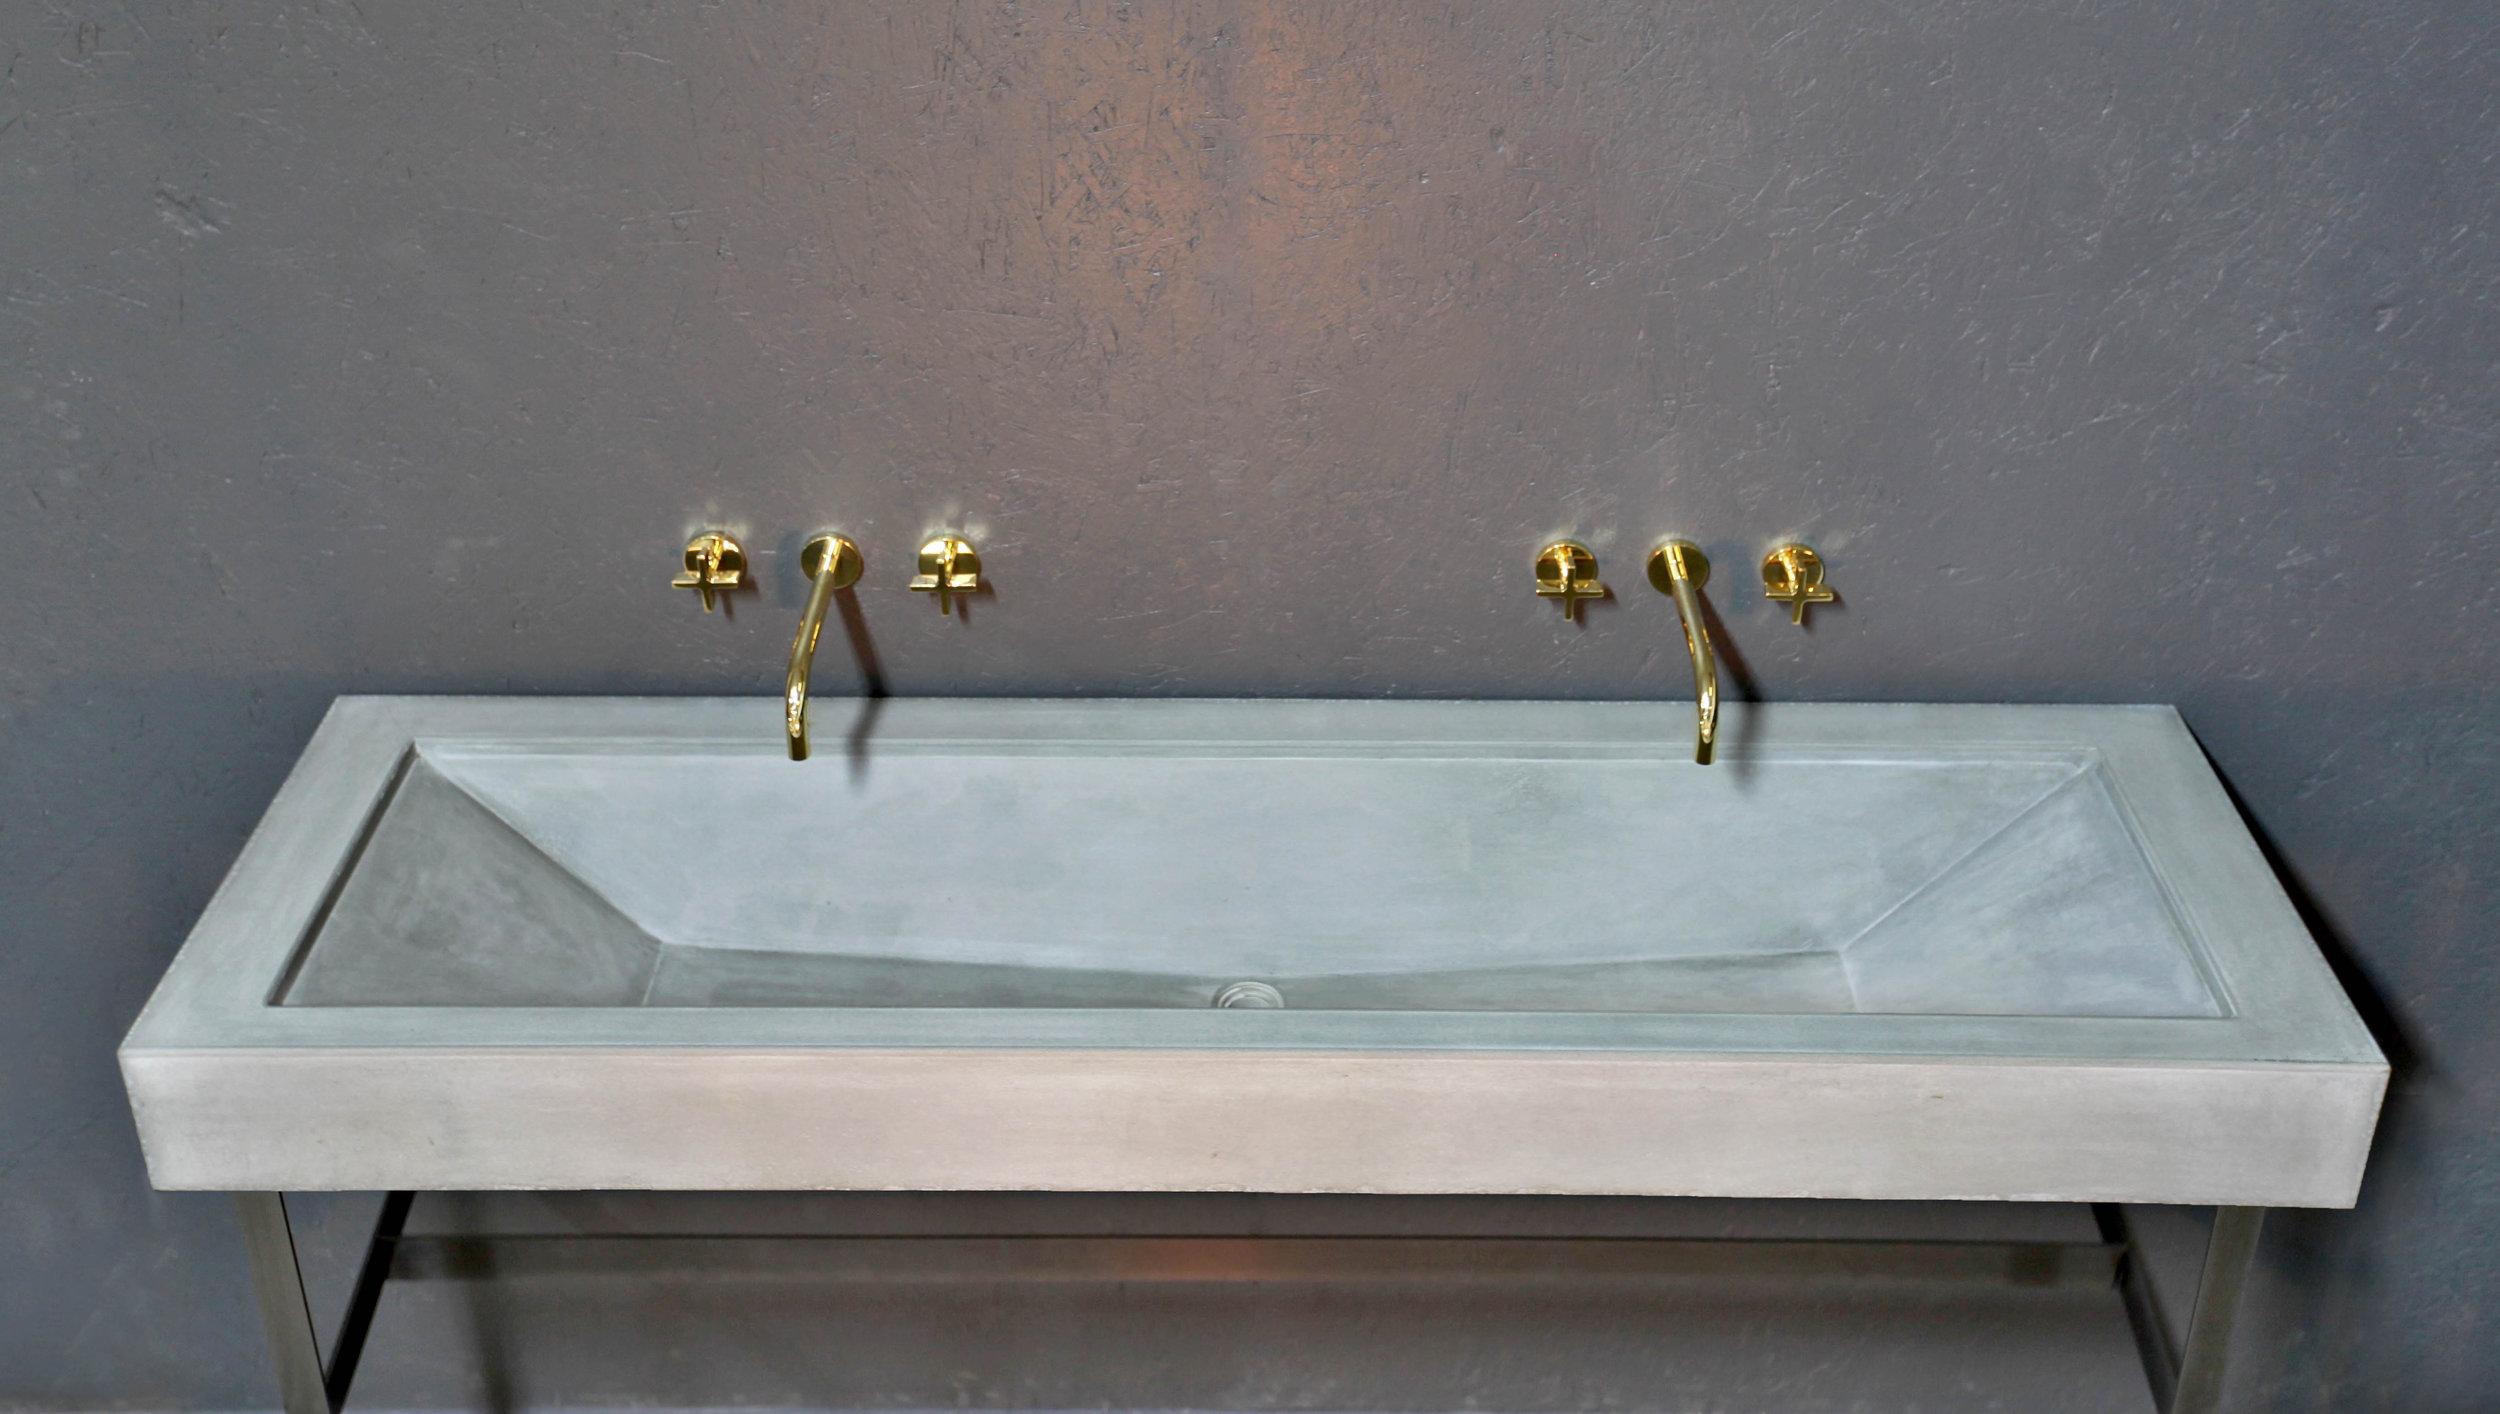 Grey-Concrete-Trough-Sink-gold-taps.jpg